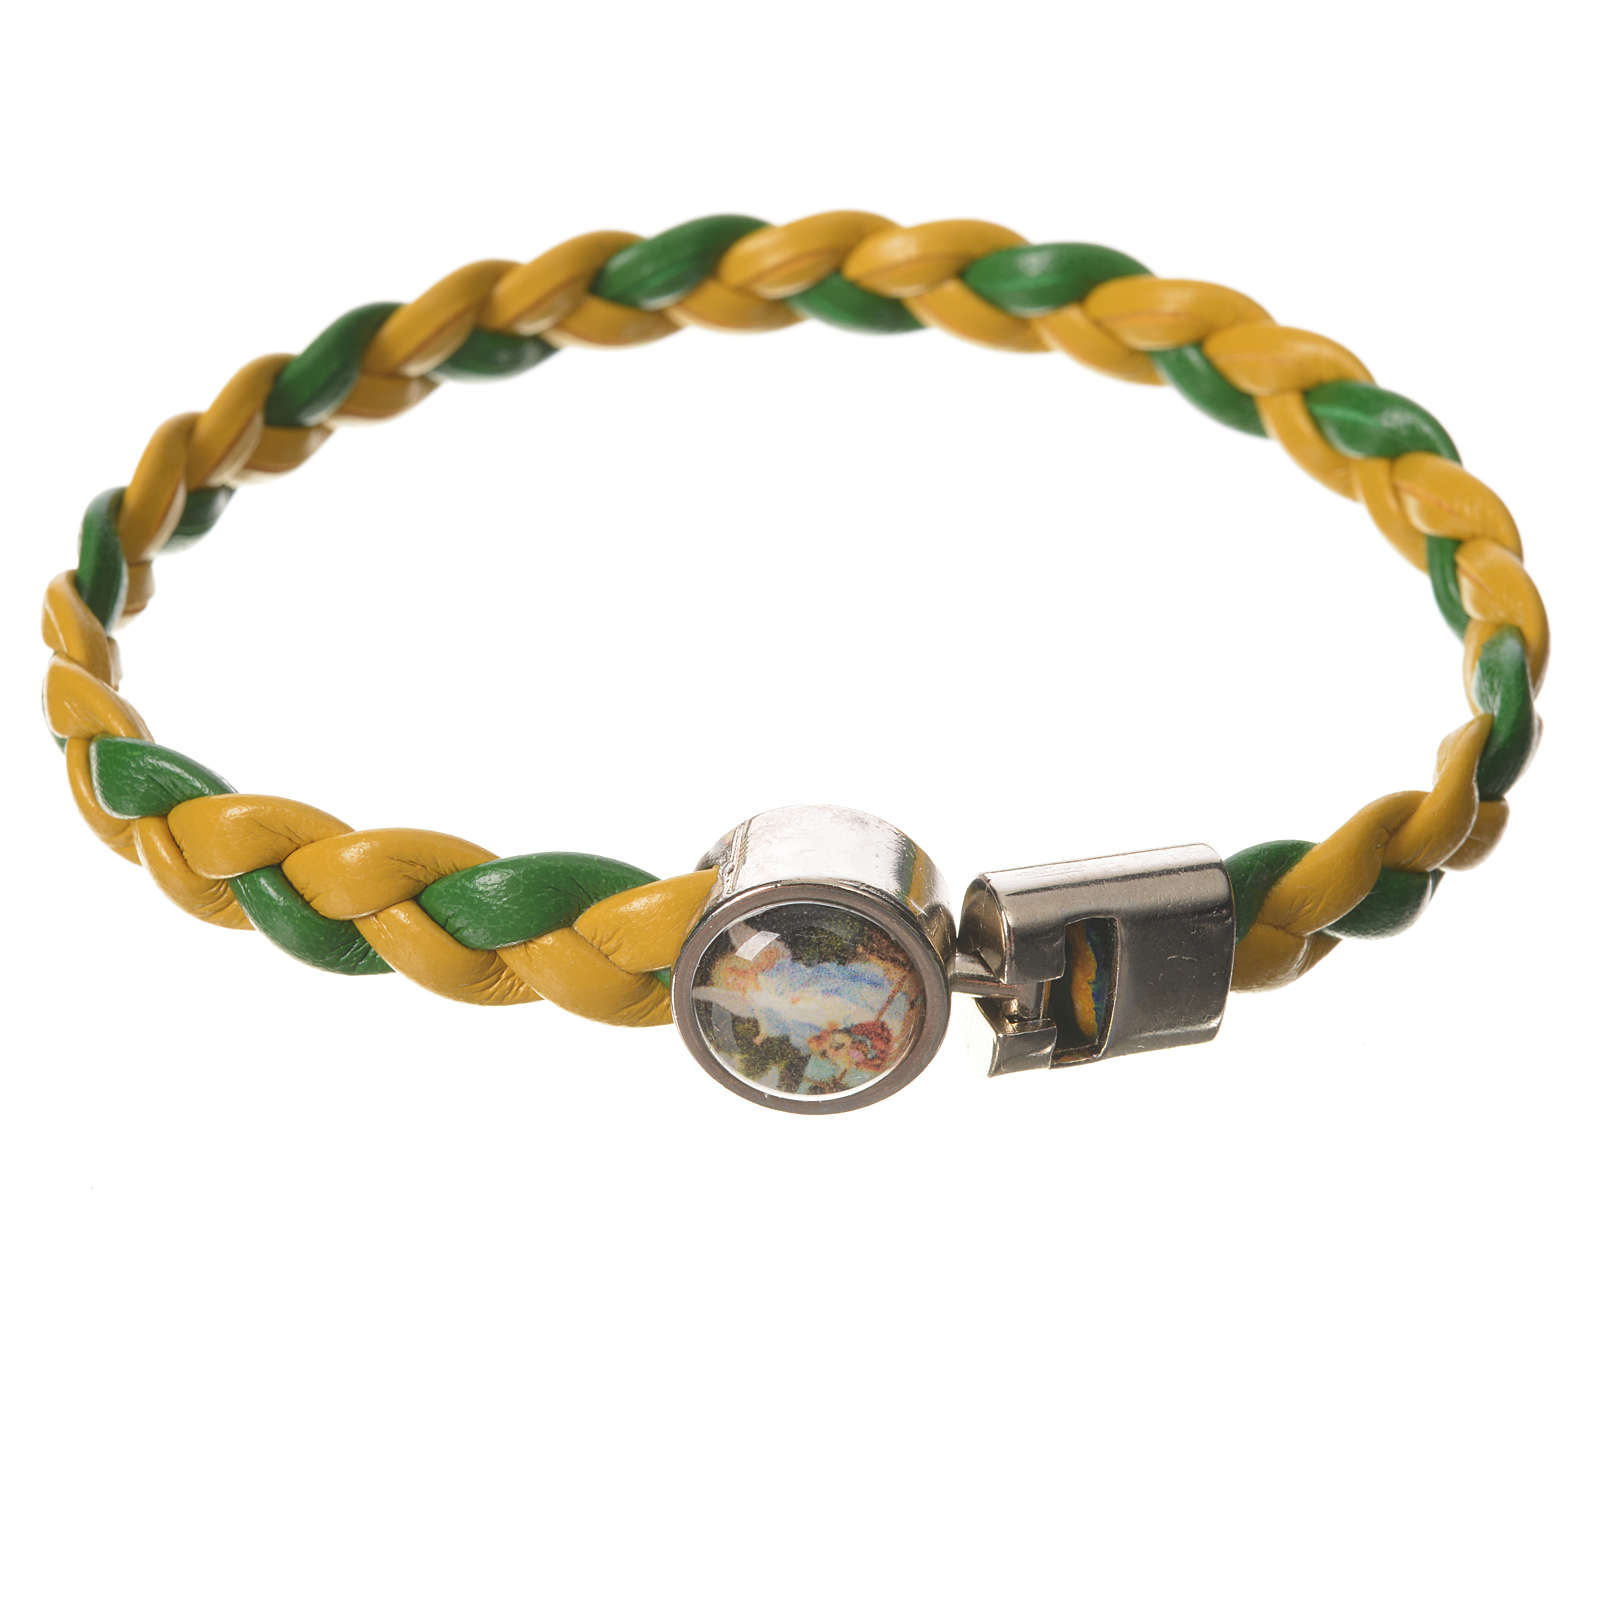 Bracciale intrecciato giallo verde 20cm Angelo 4